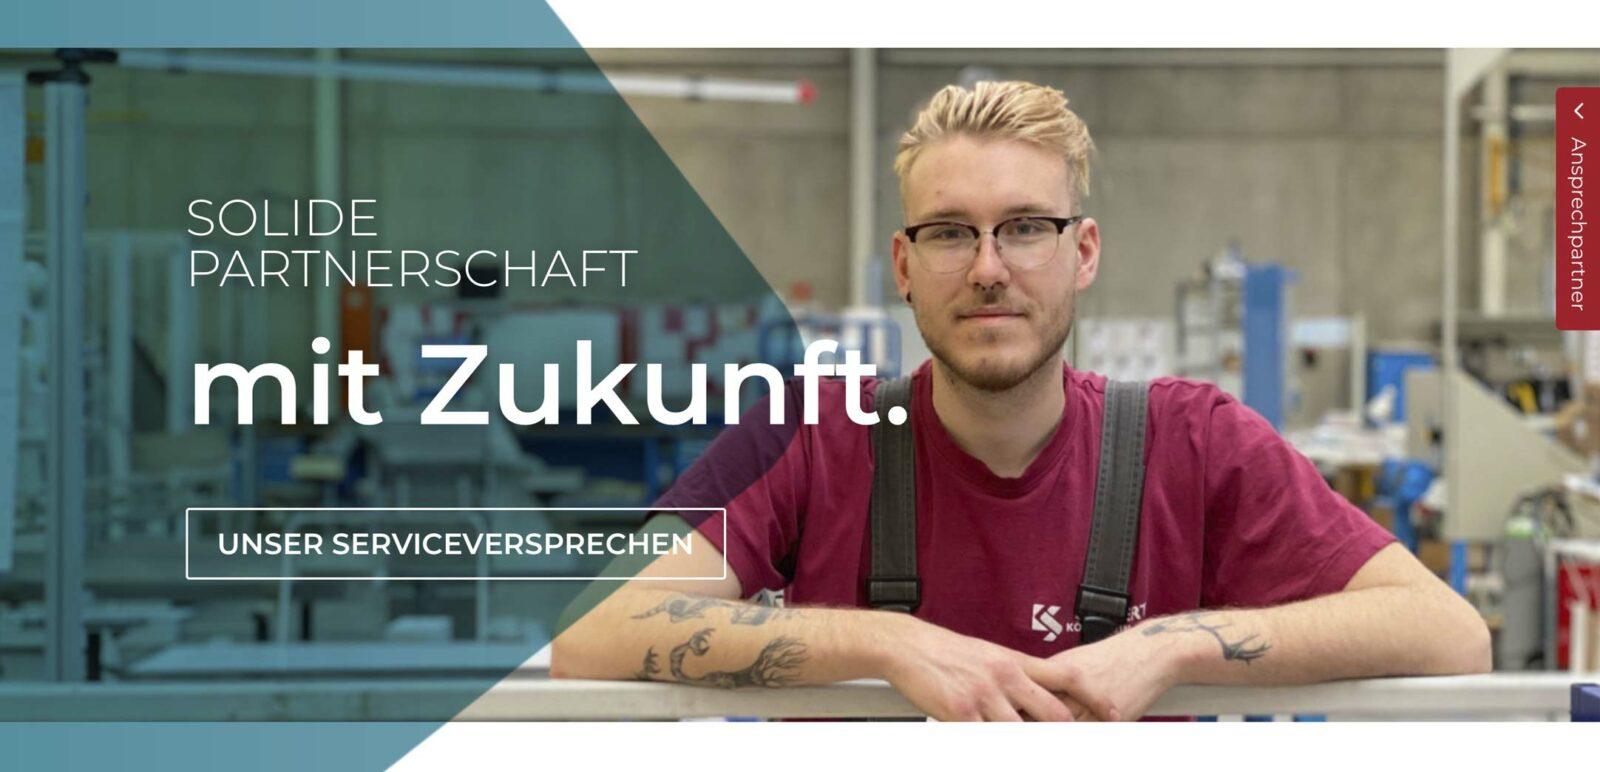 Leitmotiv von Köberlein & Seigert GmbH entwickelt durch die Rittweger + Team Werbeagentur